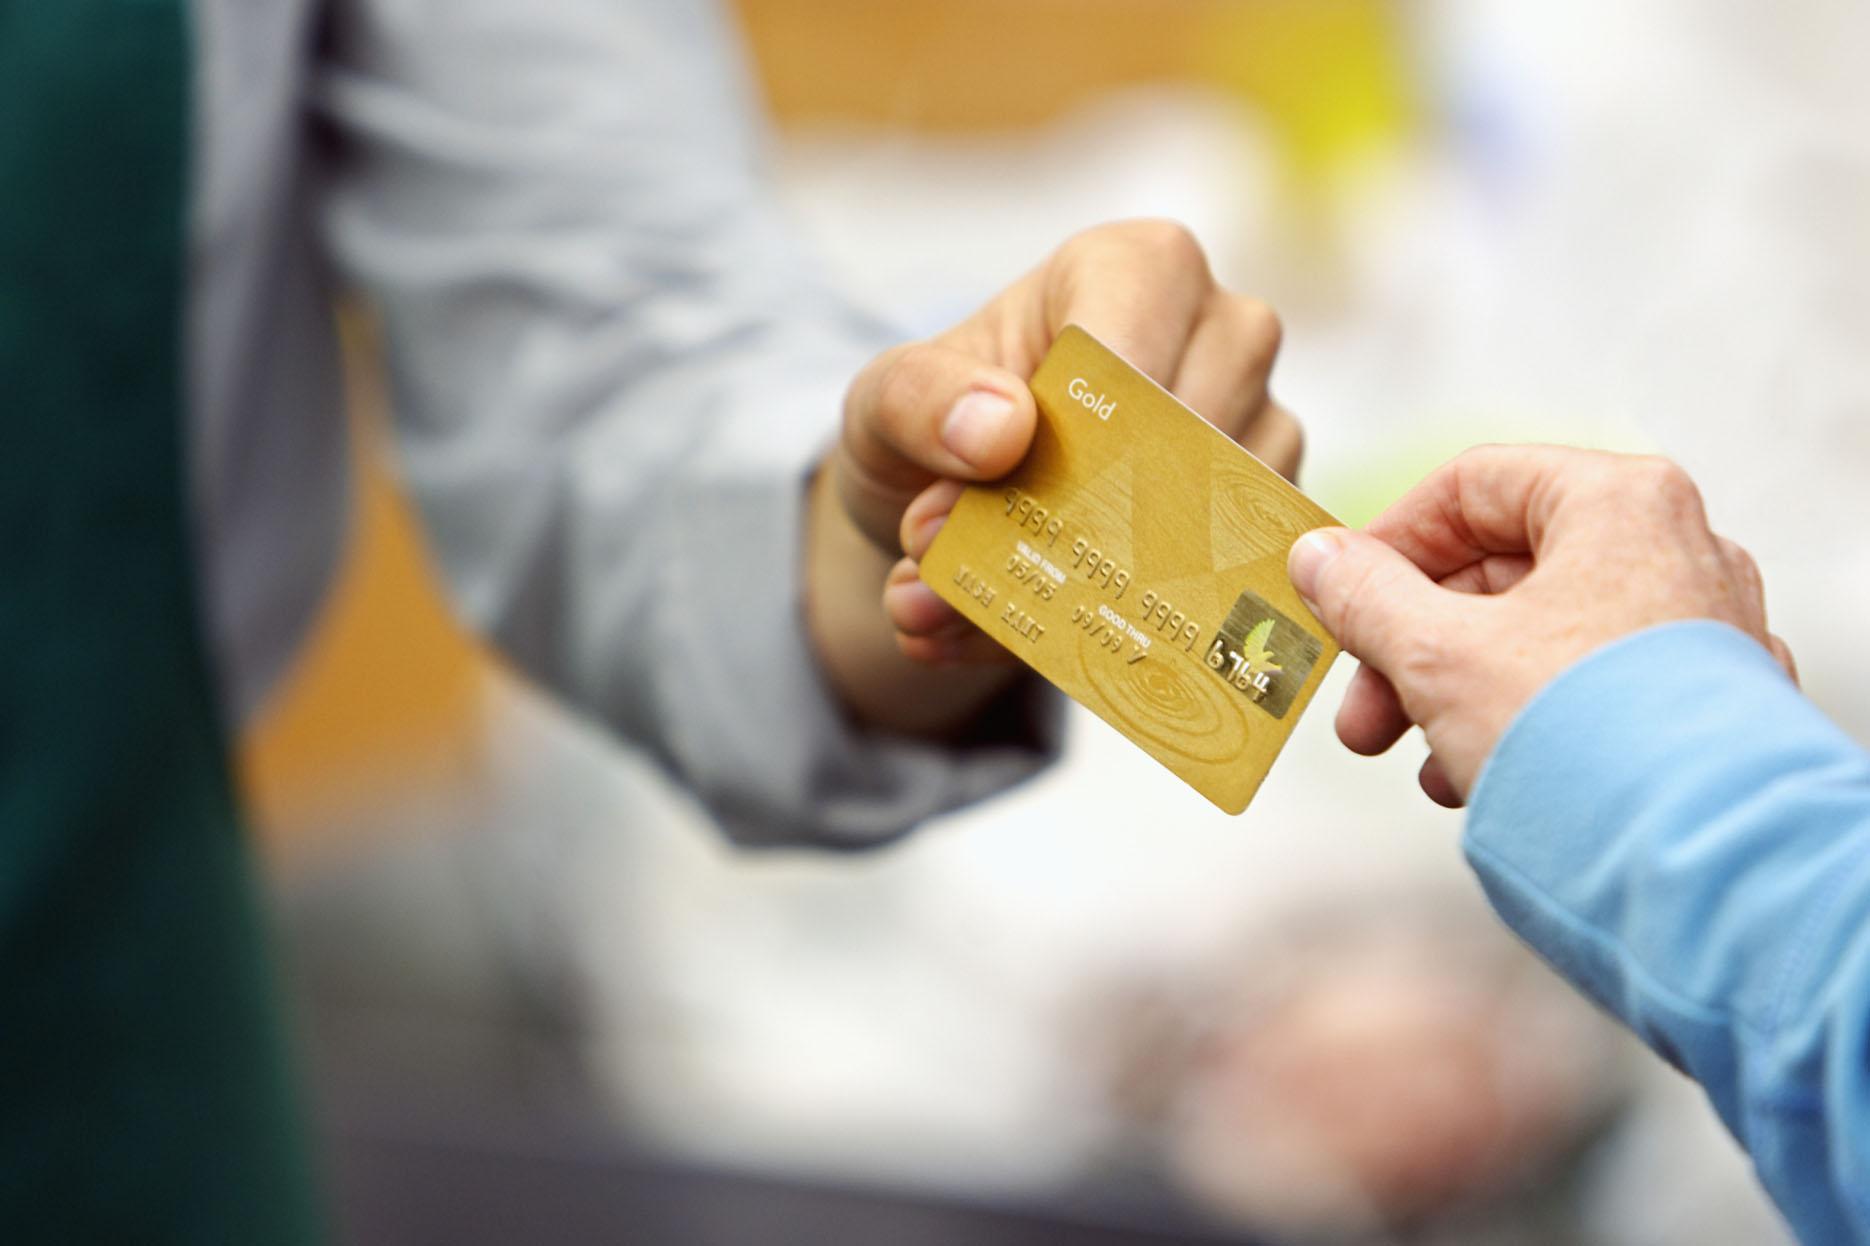 remboursement sur carte bancaire Fraude à la carte bancaire : dans quels cas serez vous remboursé